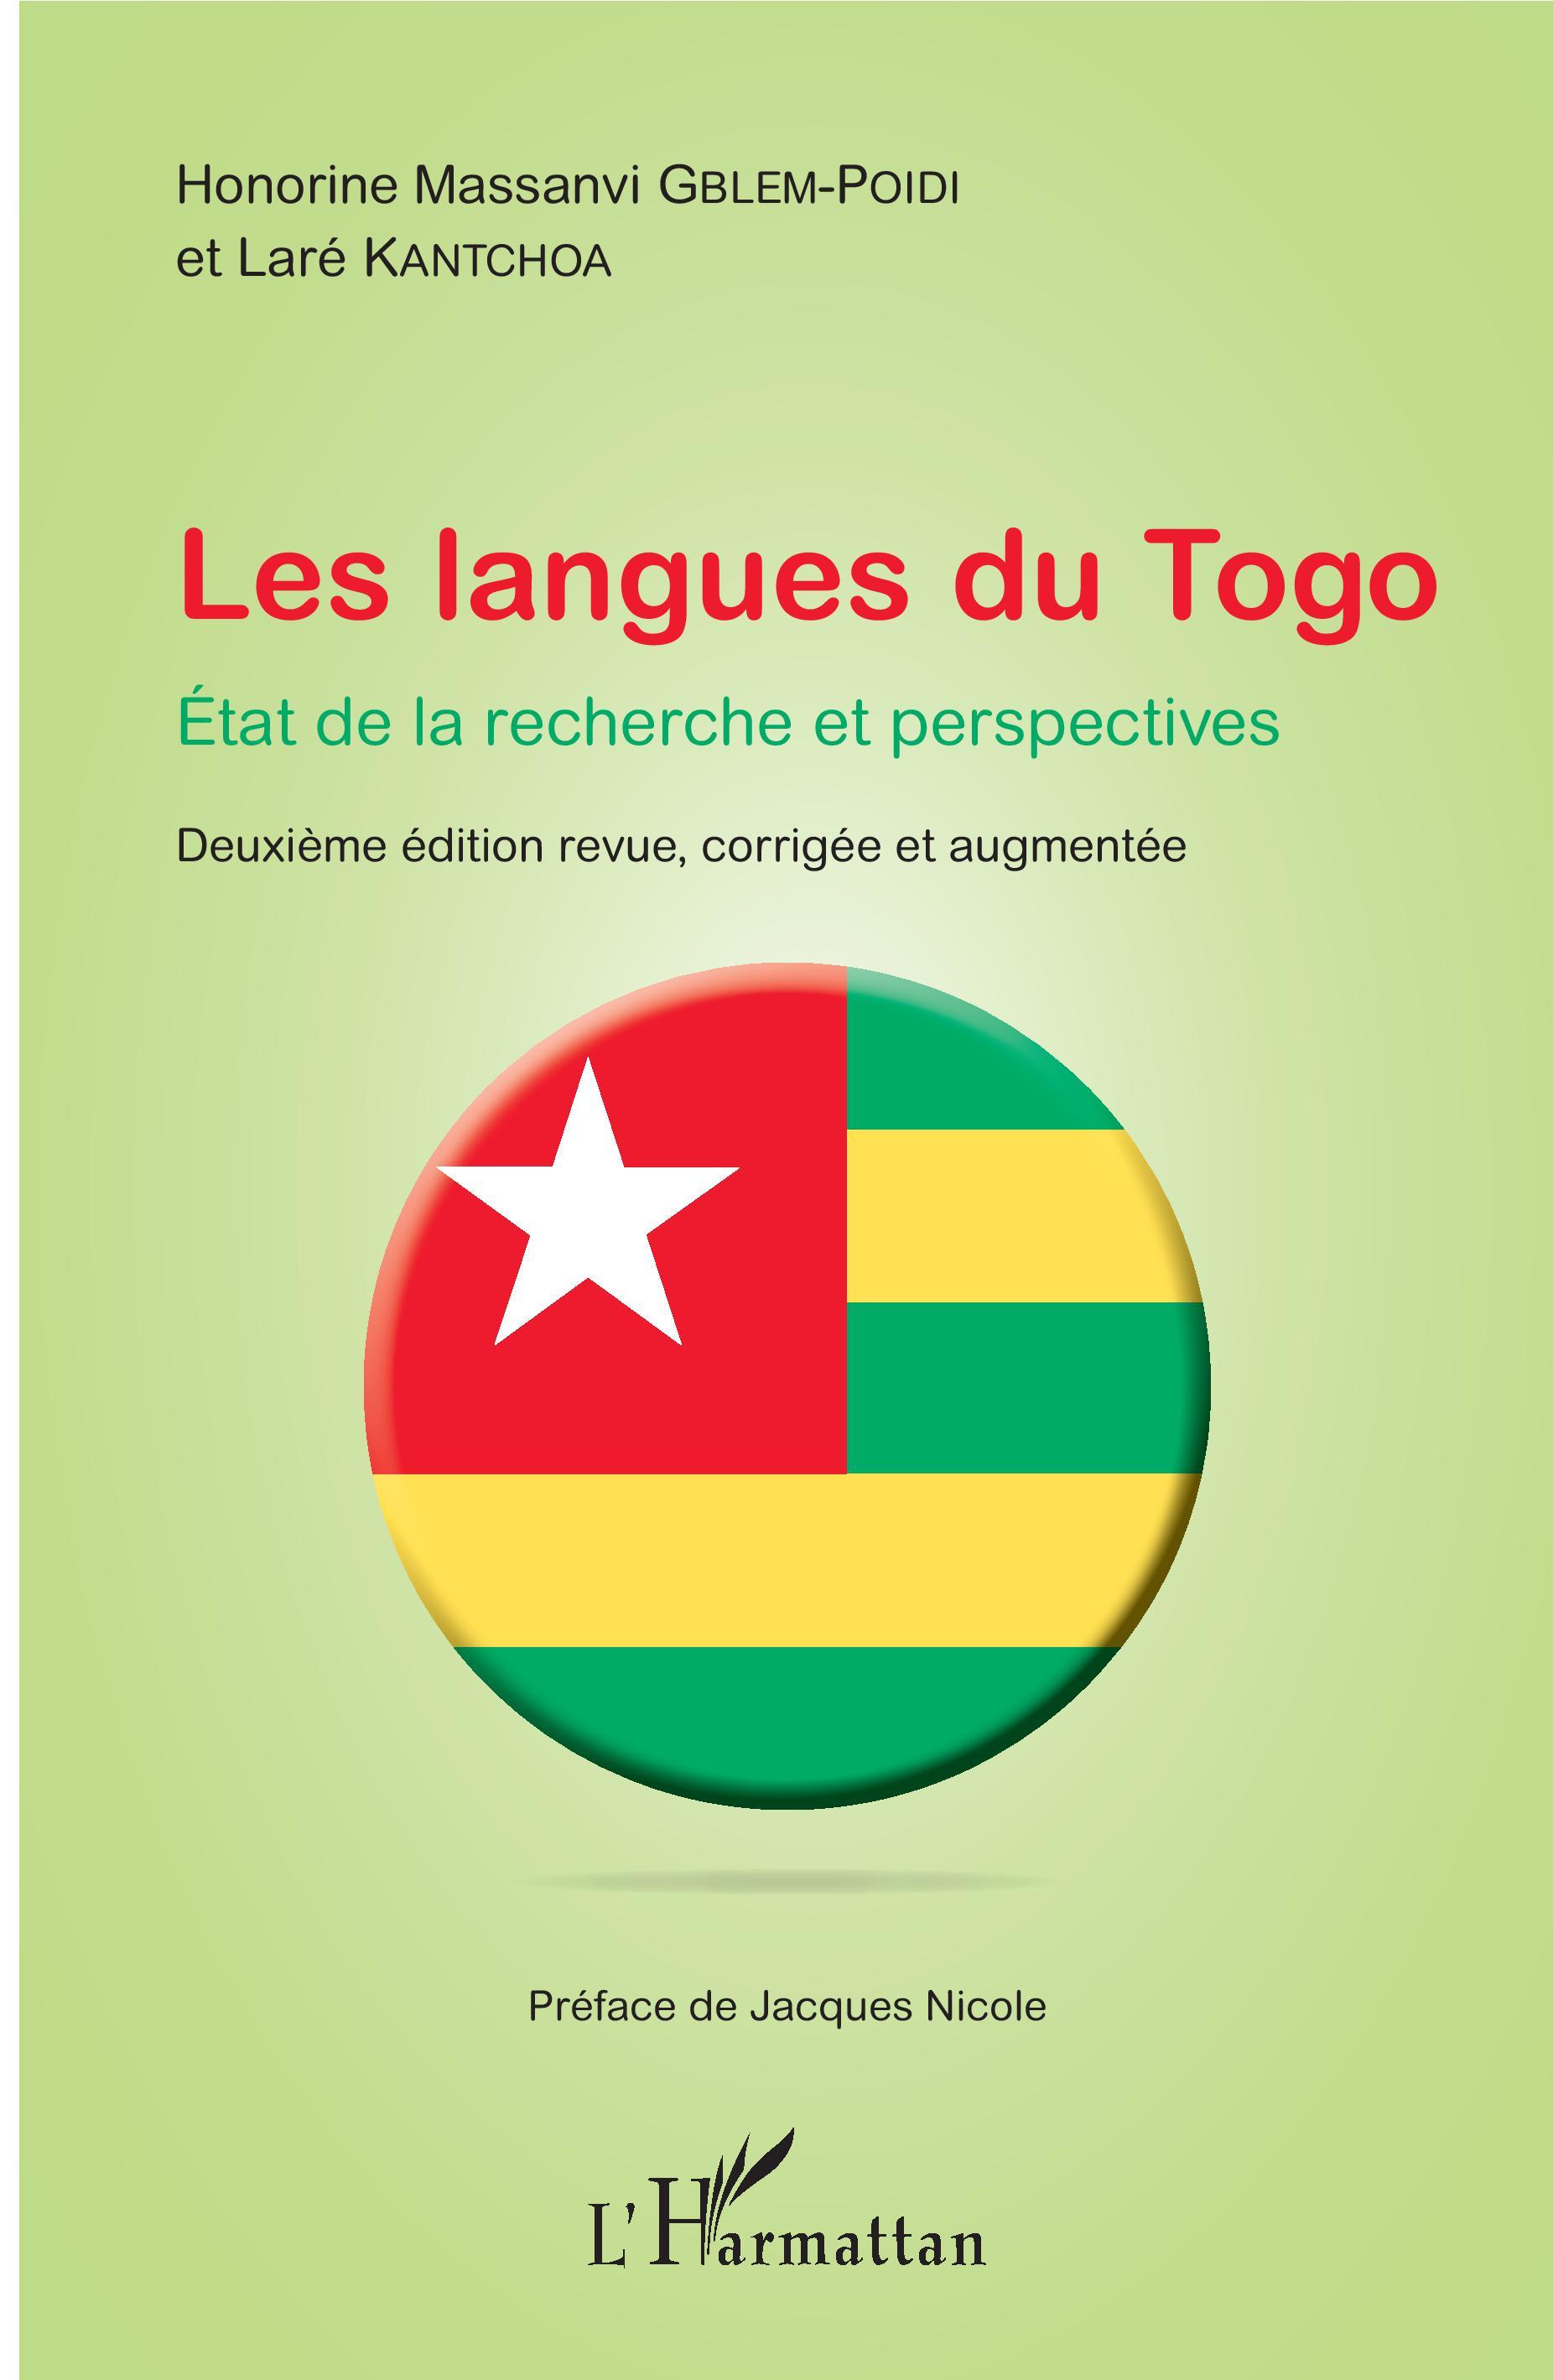 Les langues du Togo. Etat de la recherche et perspectives  